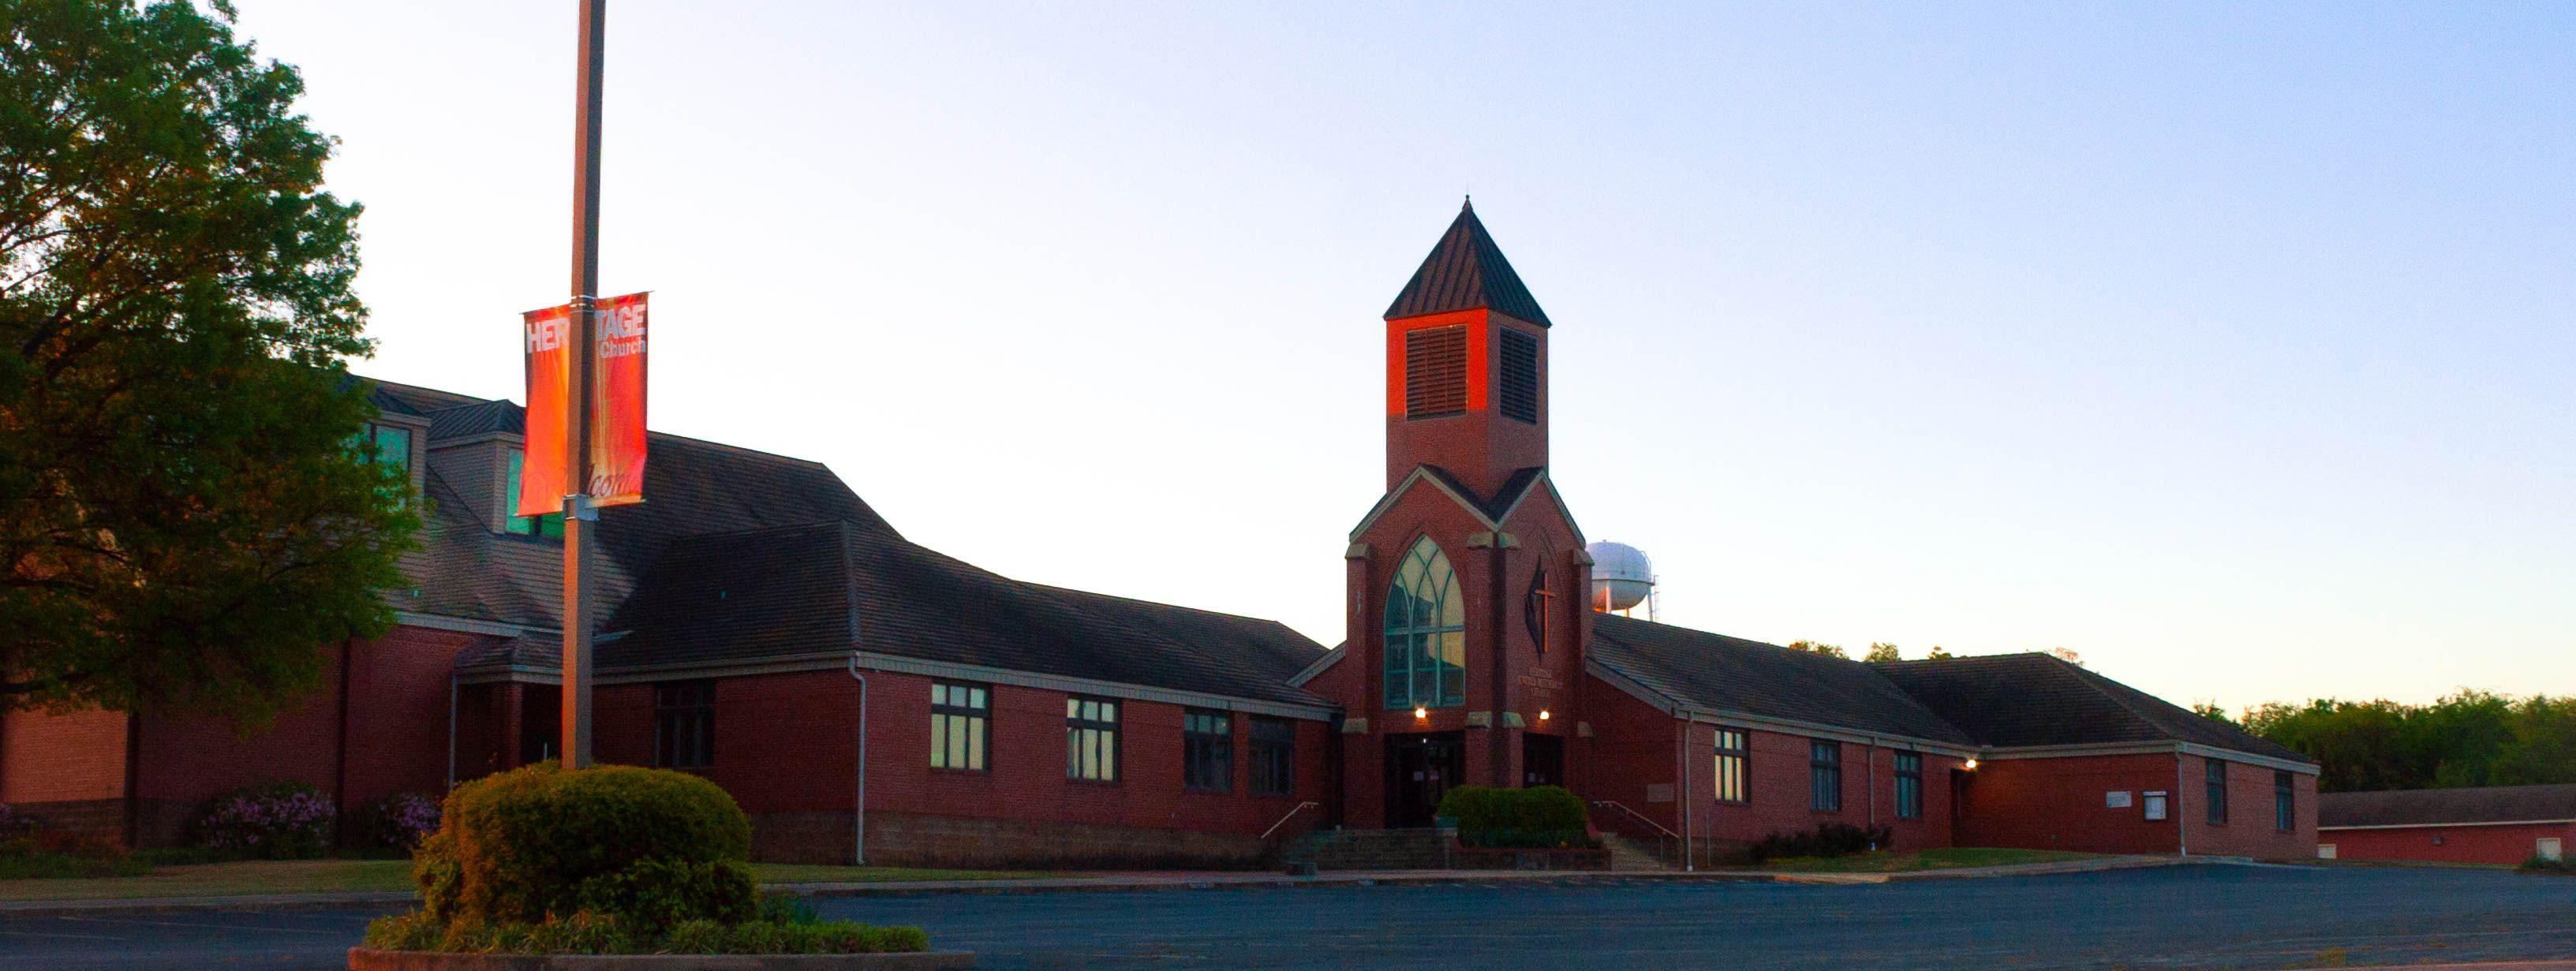 Heritage Food Pantry - United Methodist Church